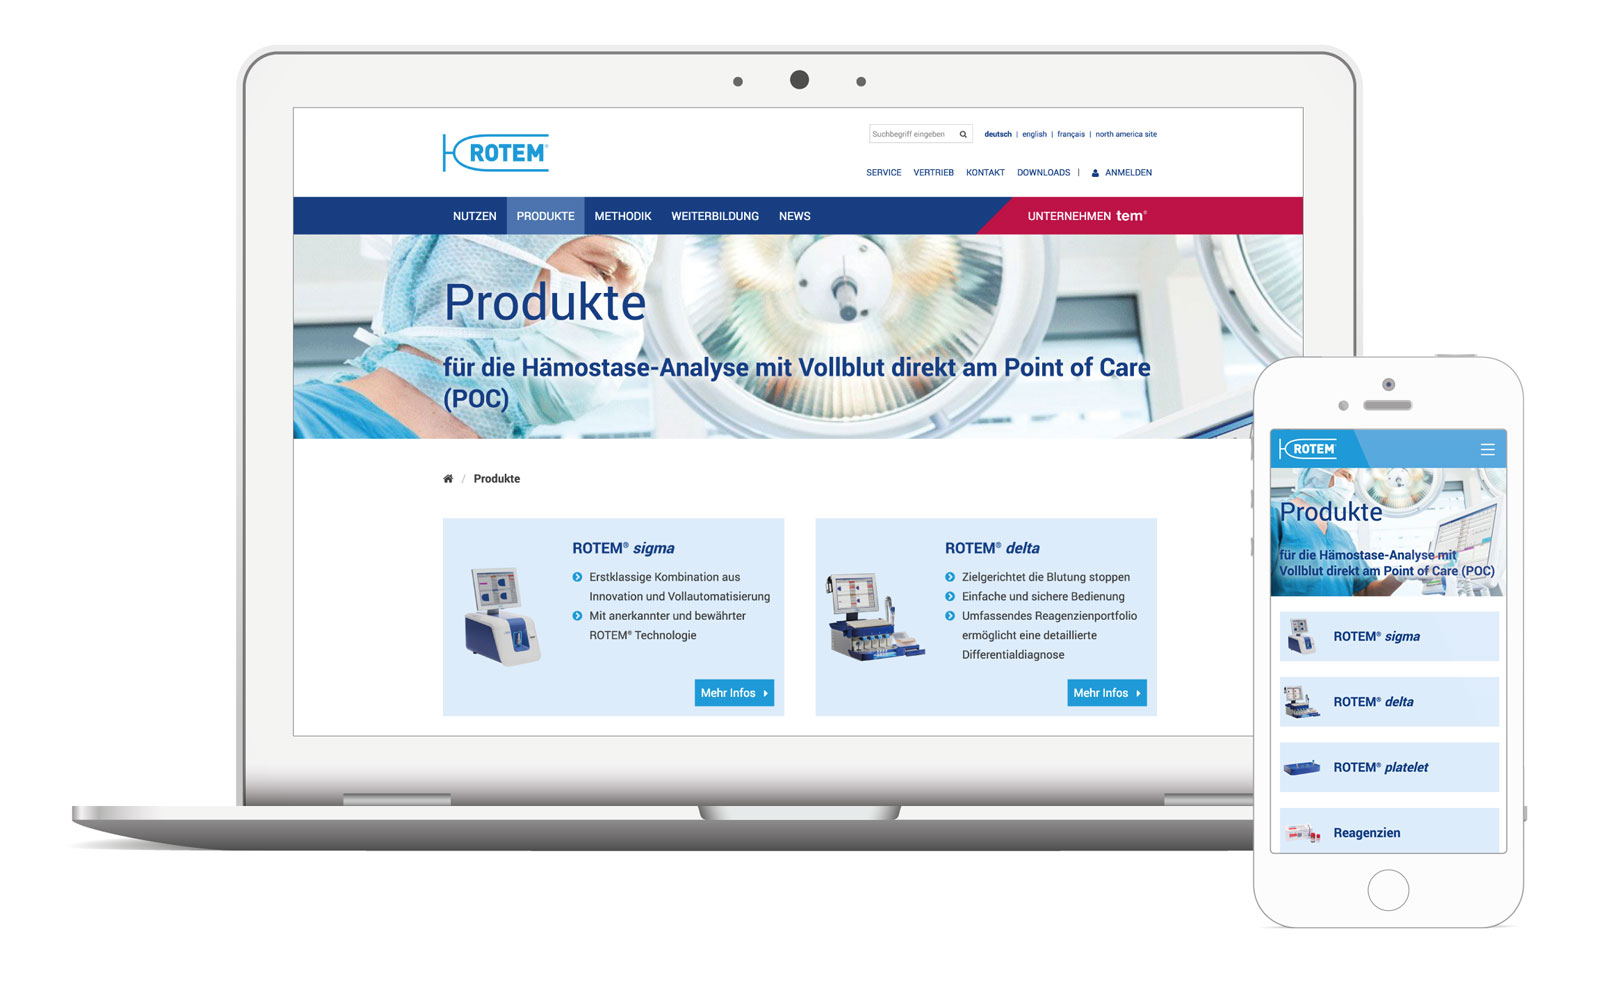 Relaunch: die neue internationale Produkt- und Unternehmenswebsite rotem.de im responsive Webdesign auf verschiedenen Endgeräten